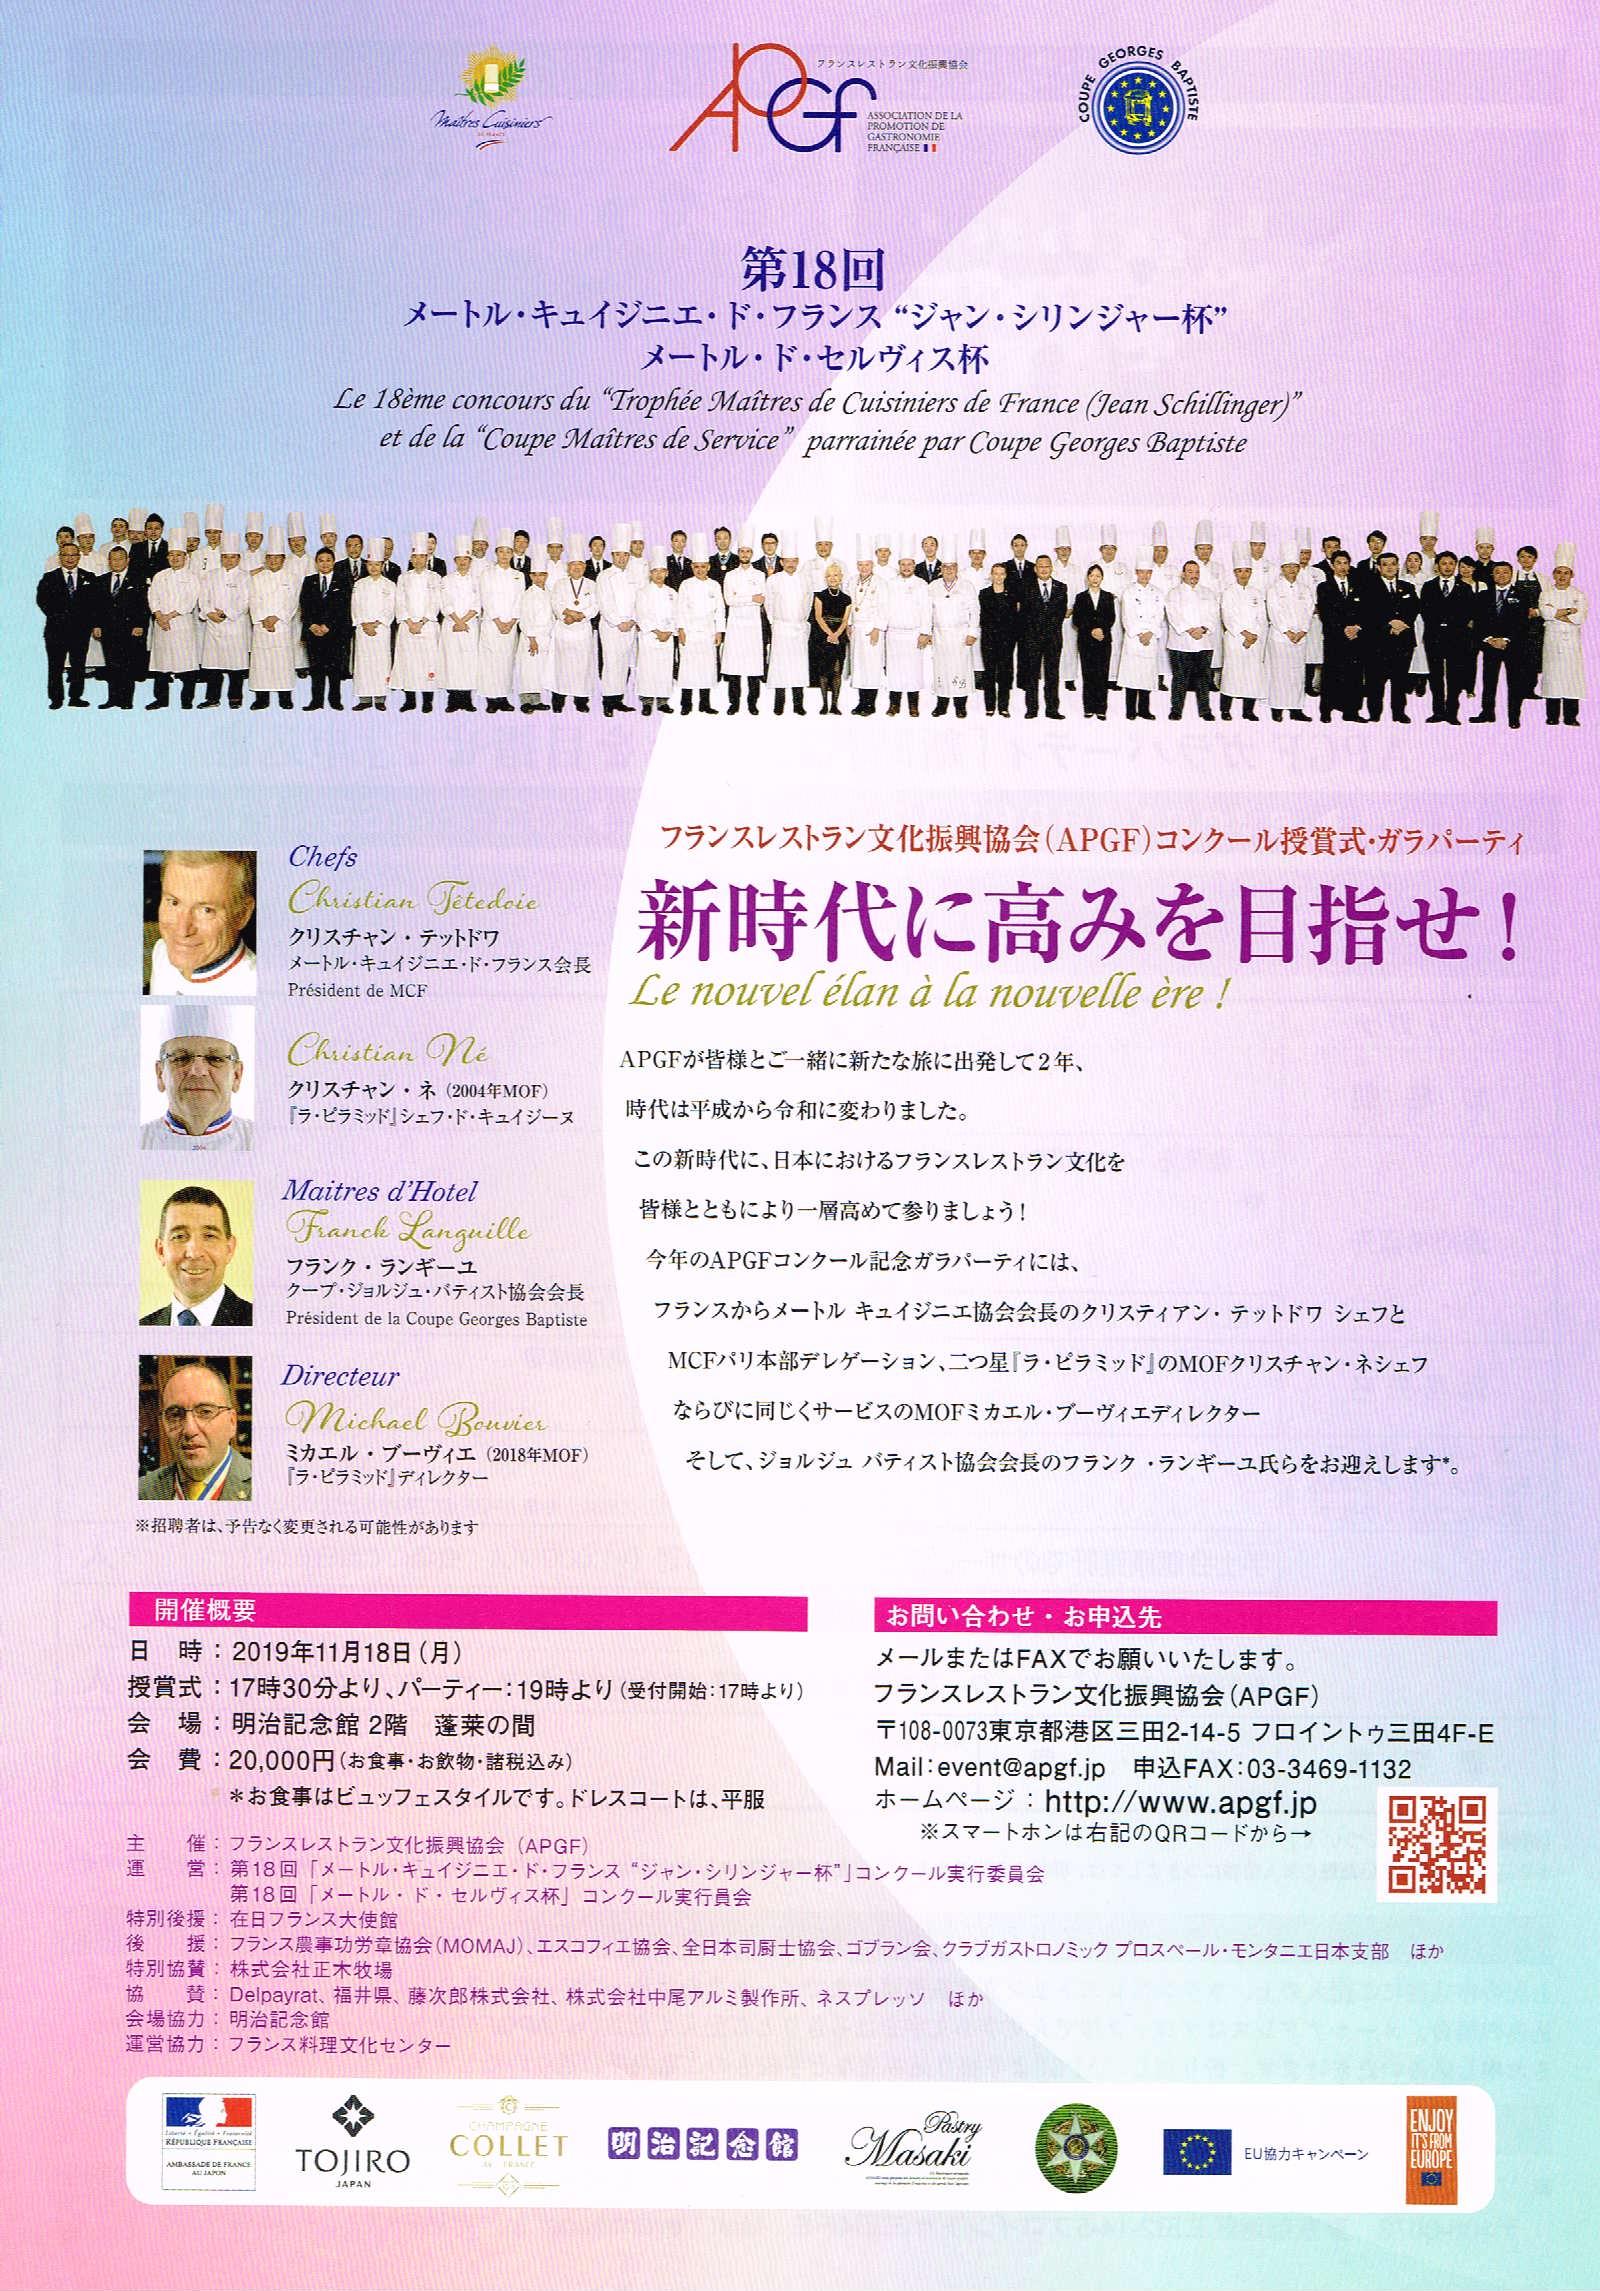 APGFコンクール授賞式・ガラパ^ティ